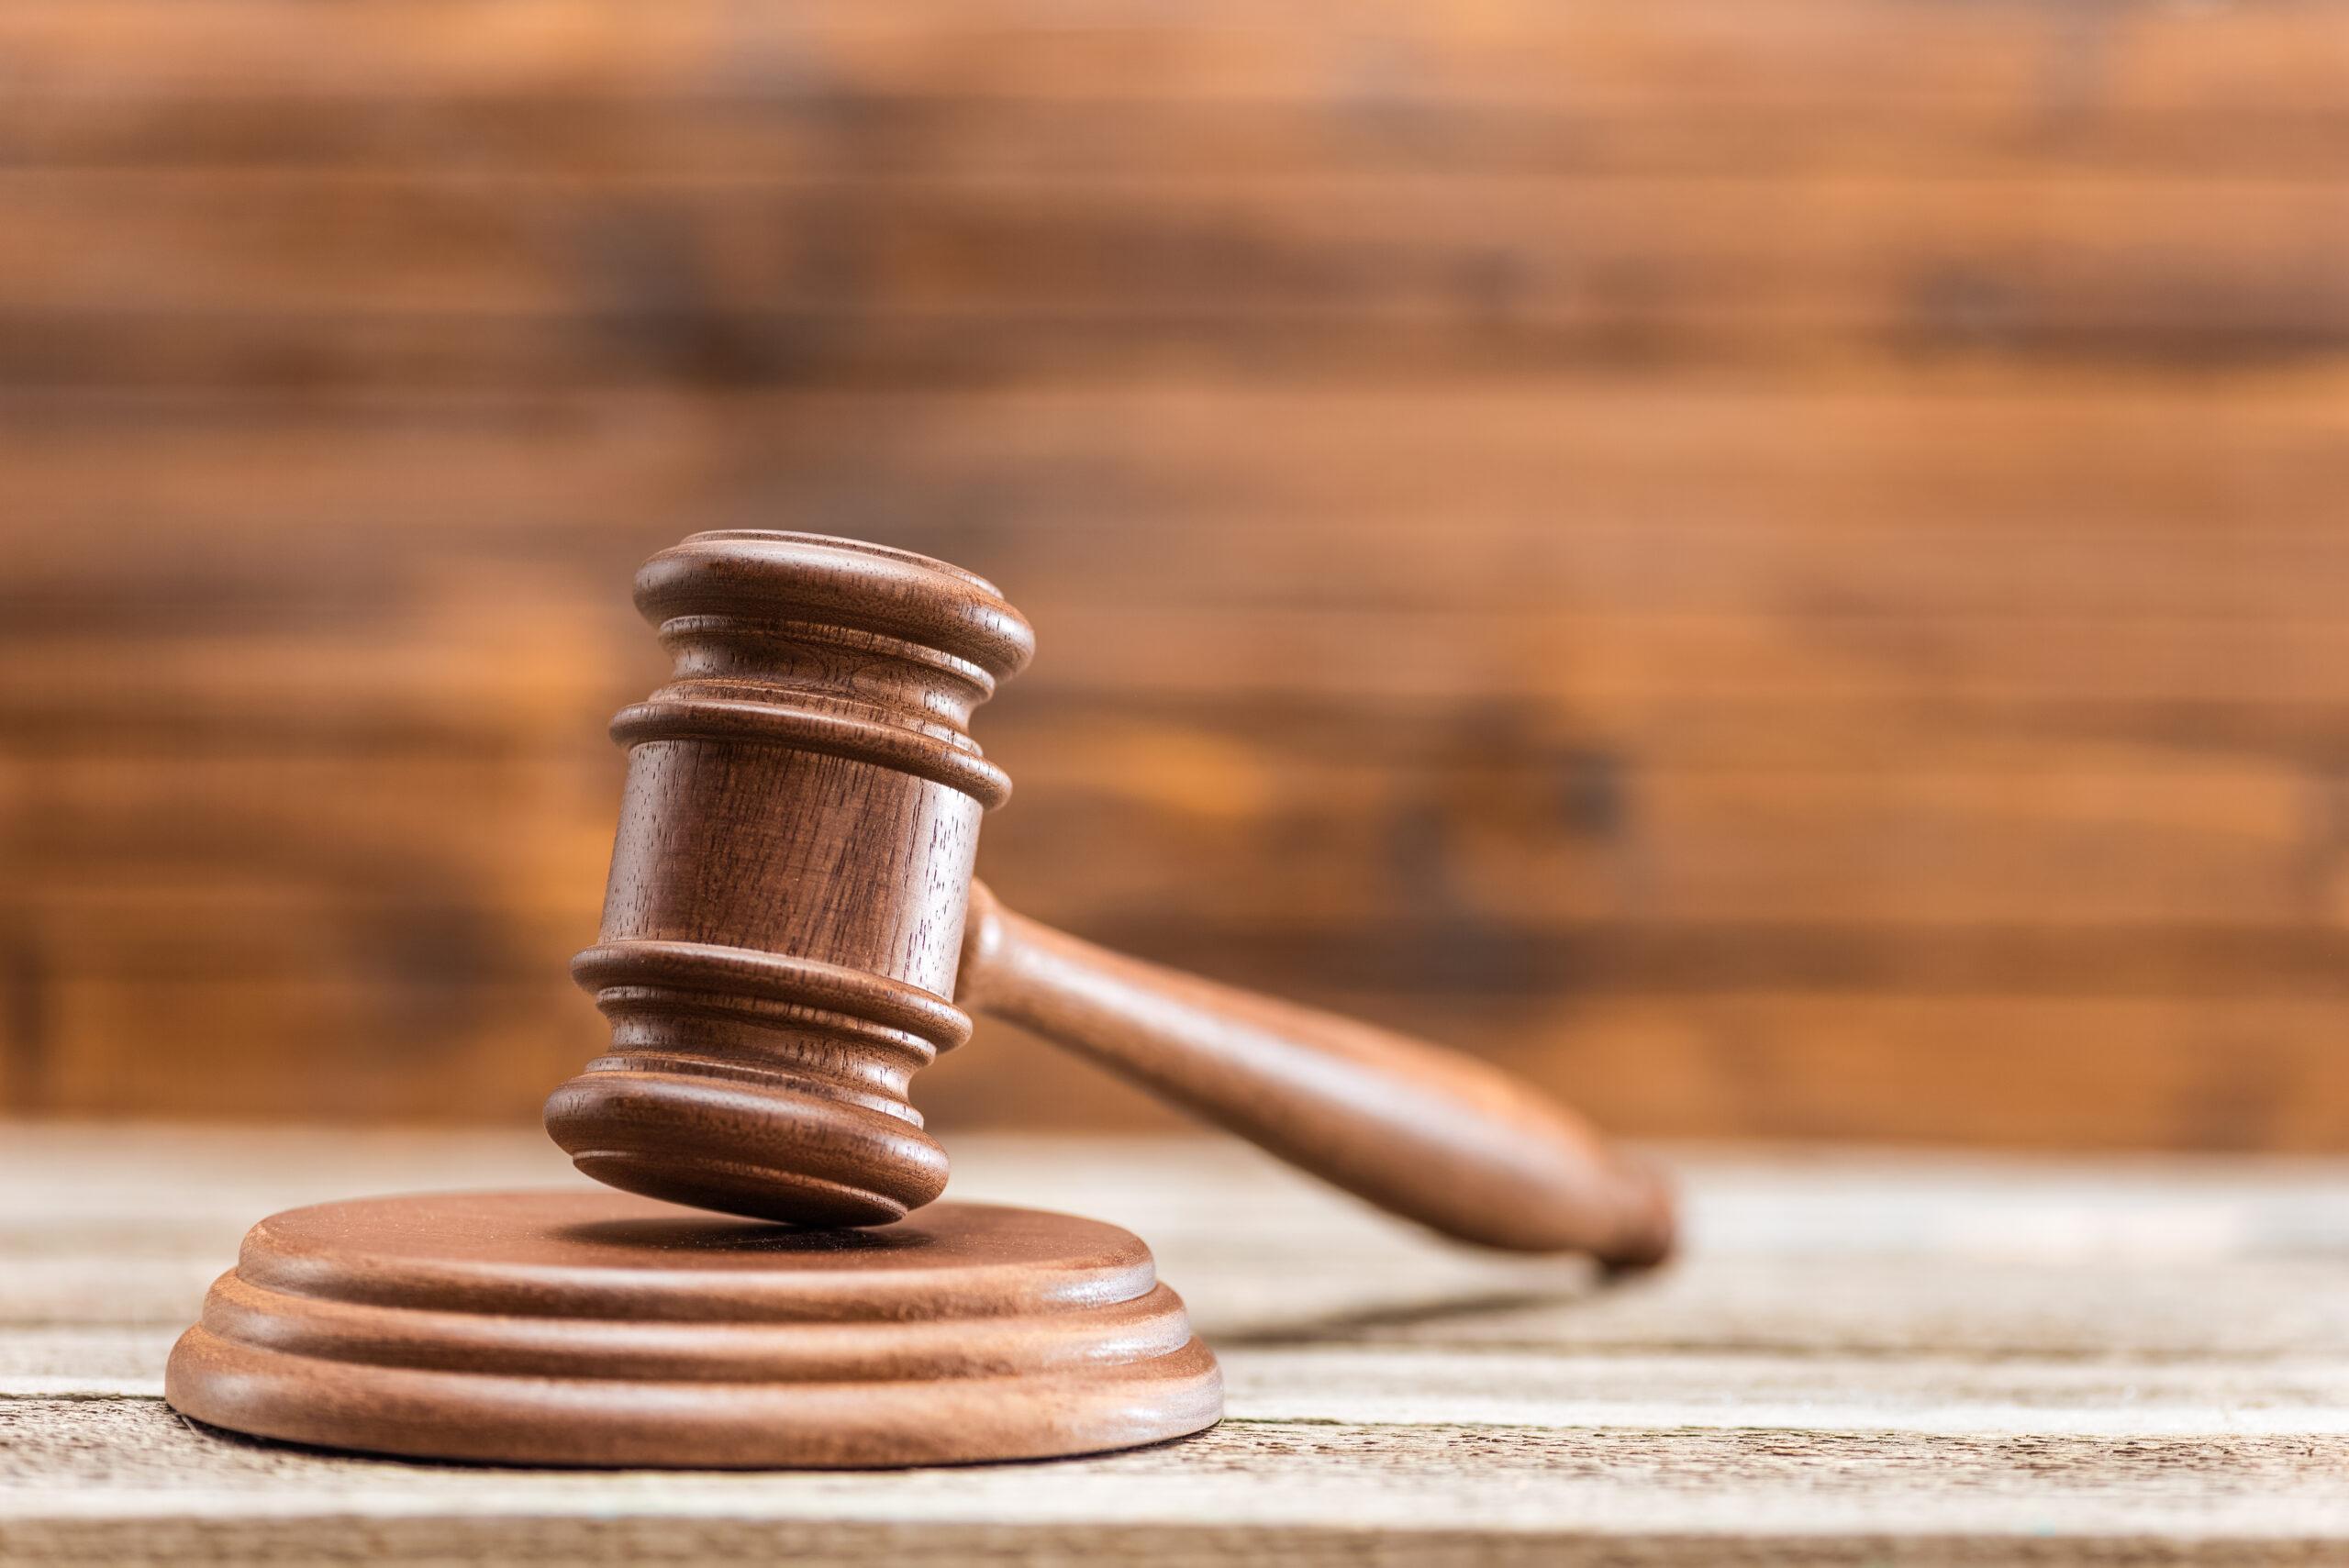 External Legal Counsel